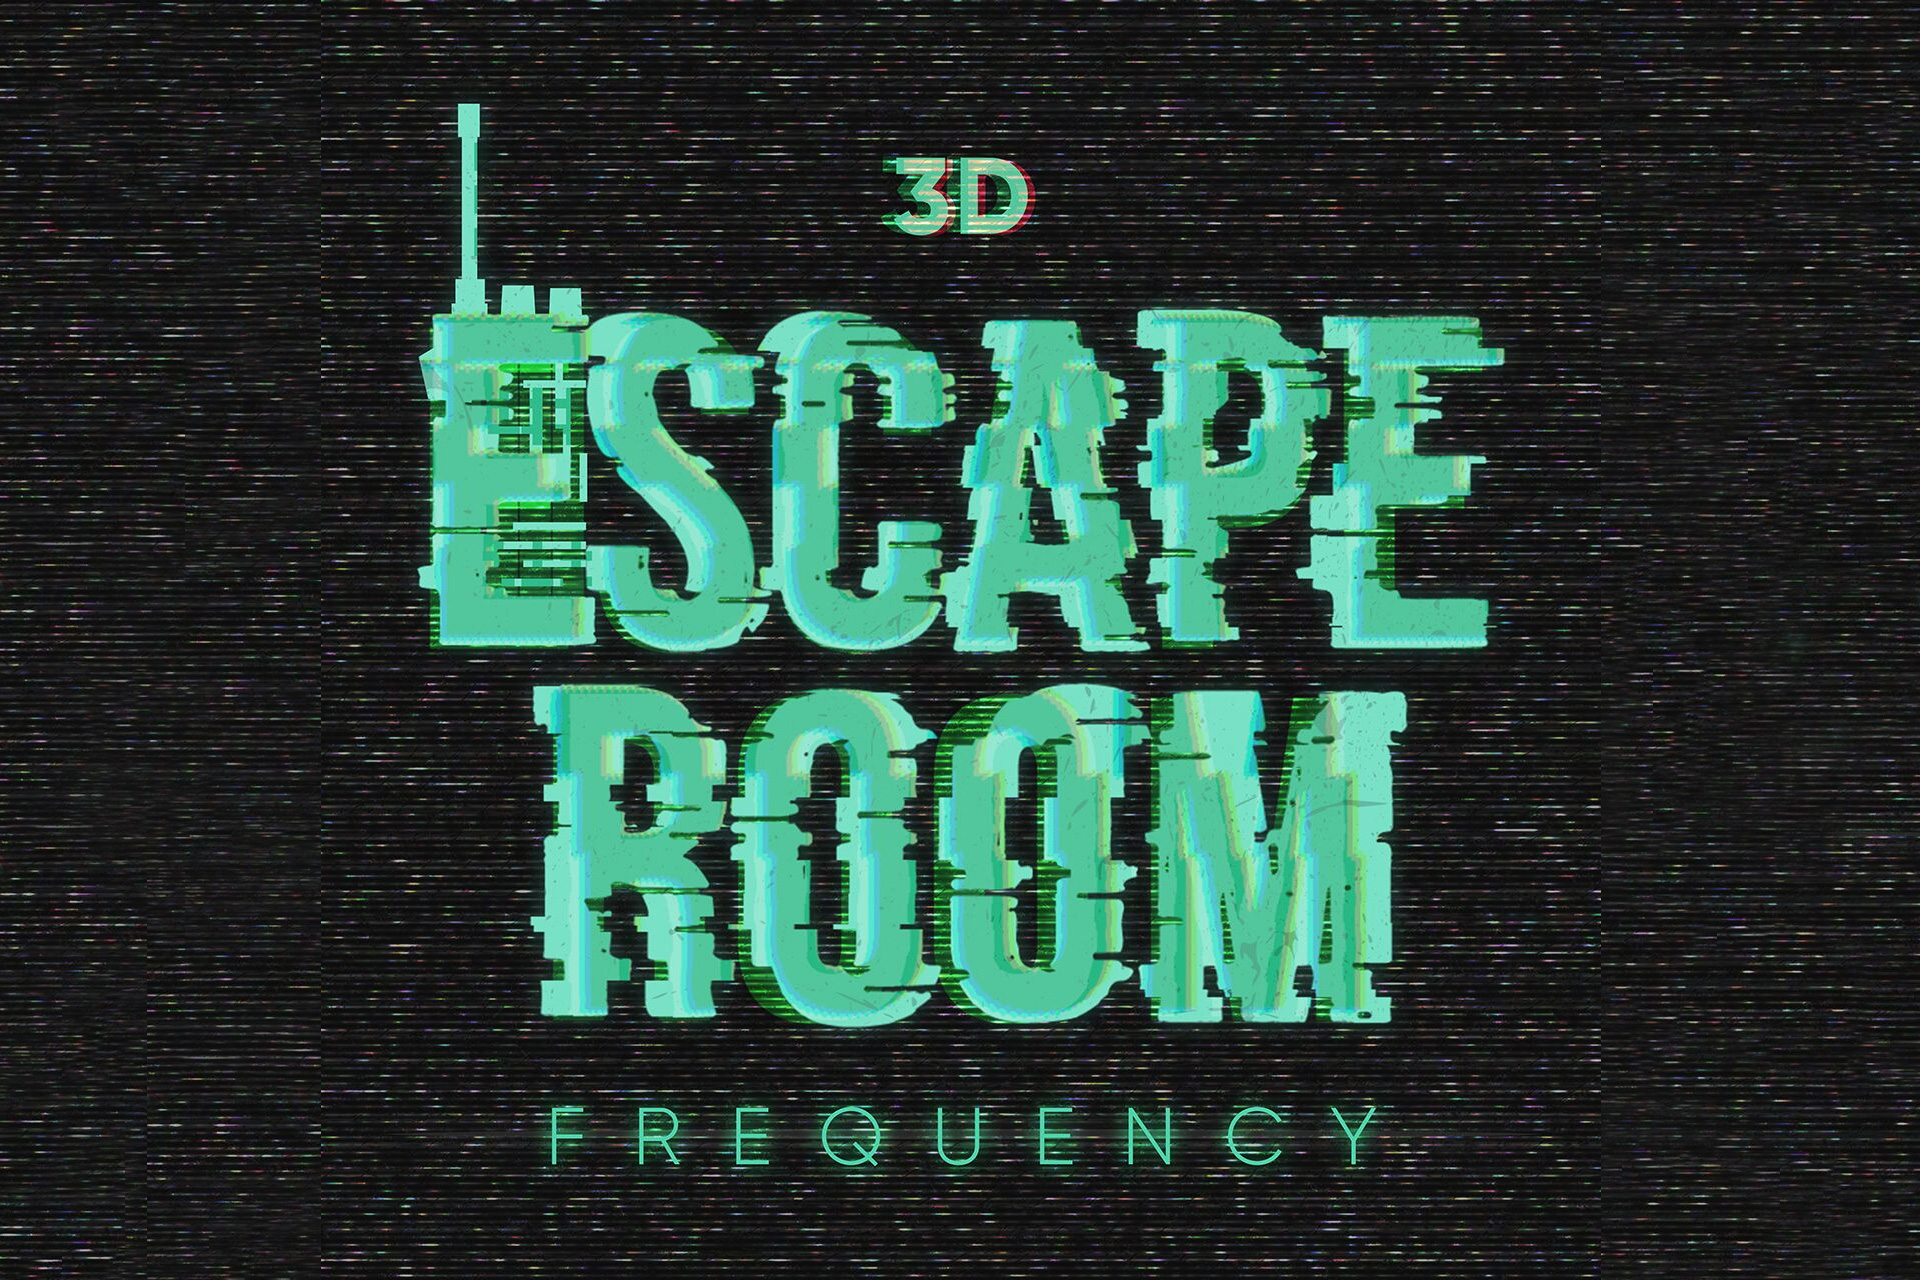 3d_escape_room.jpg